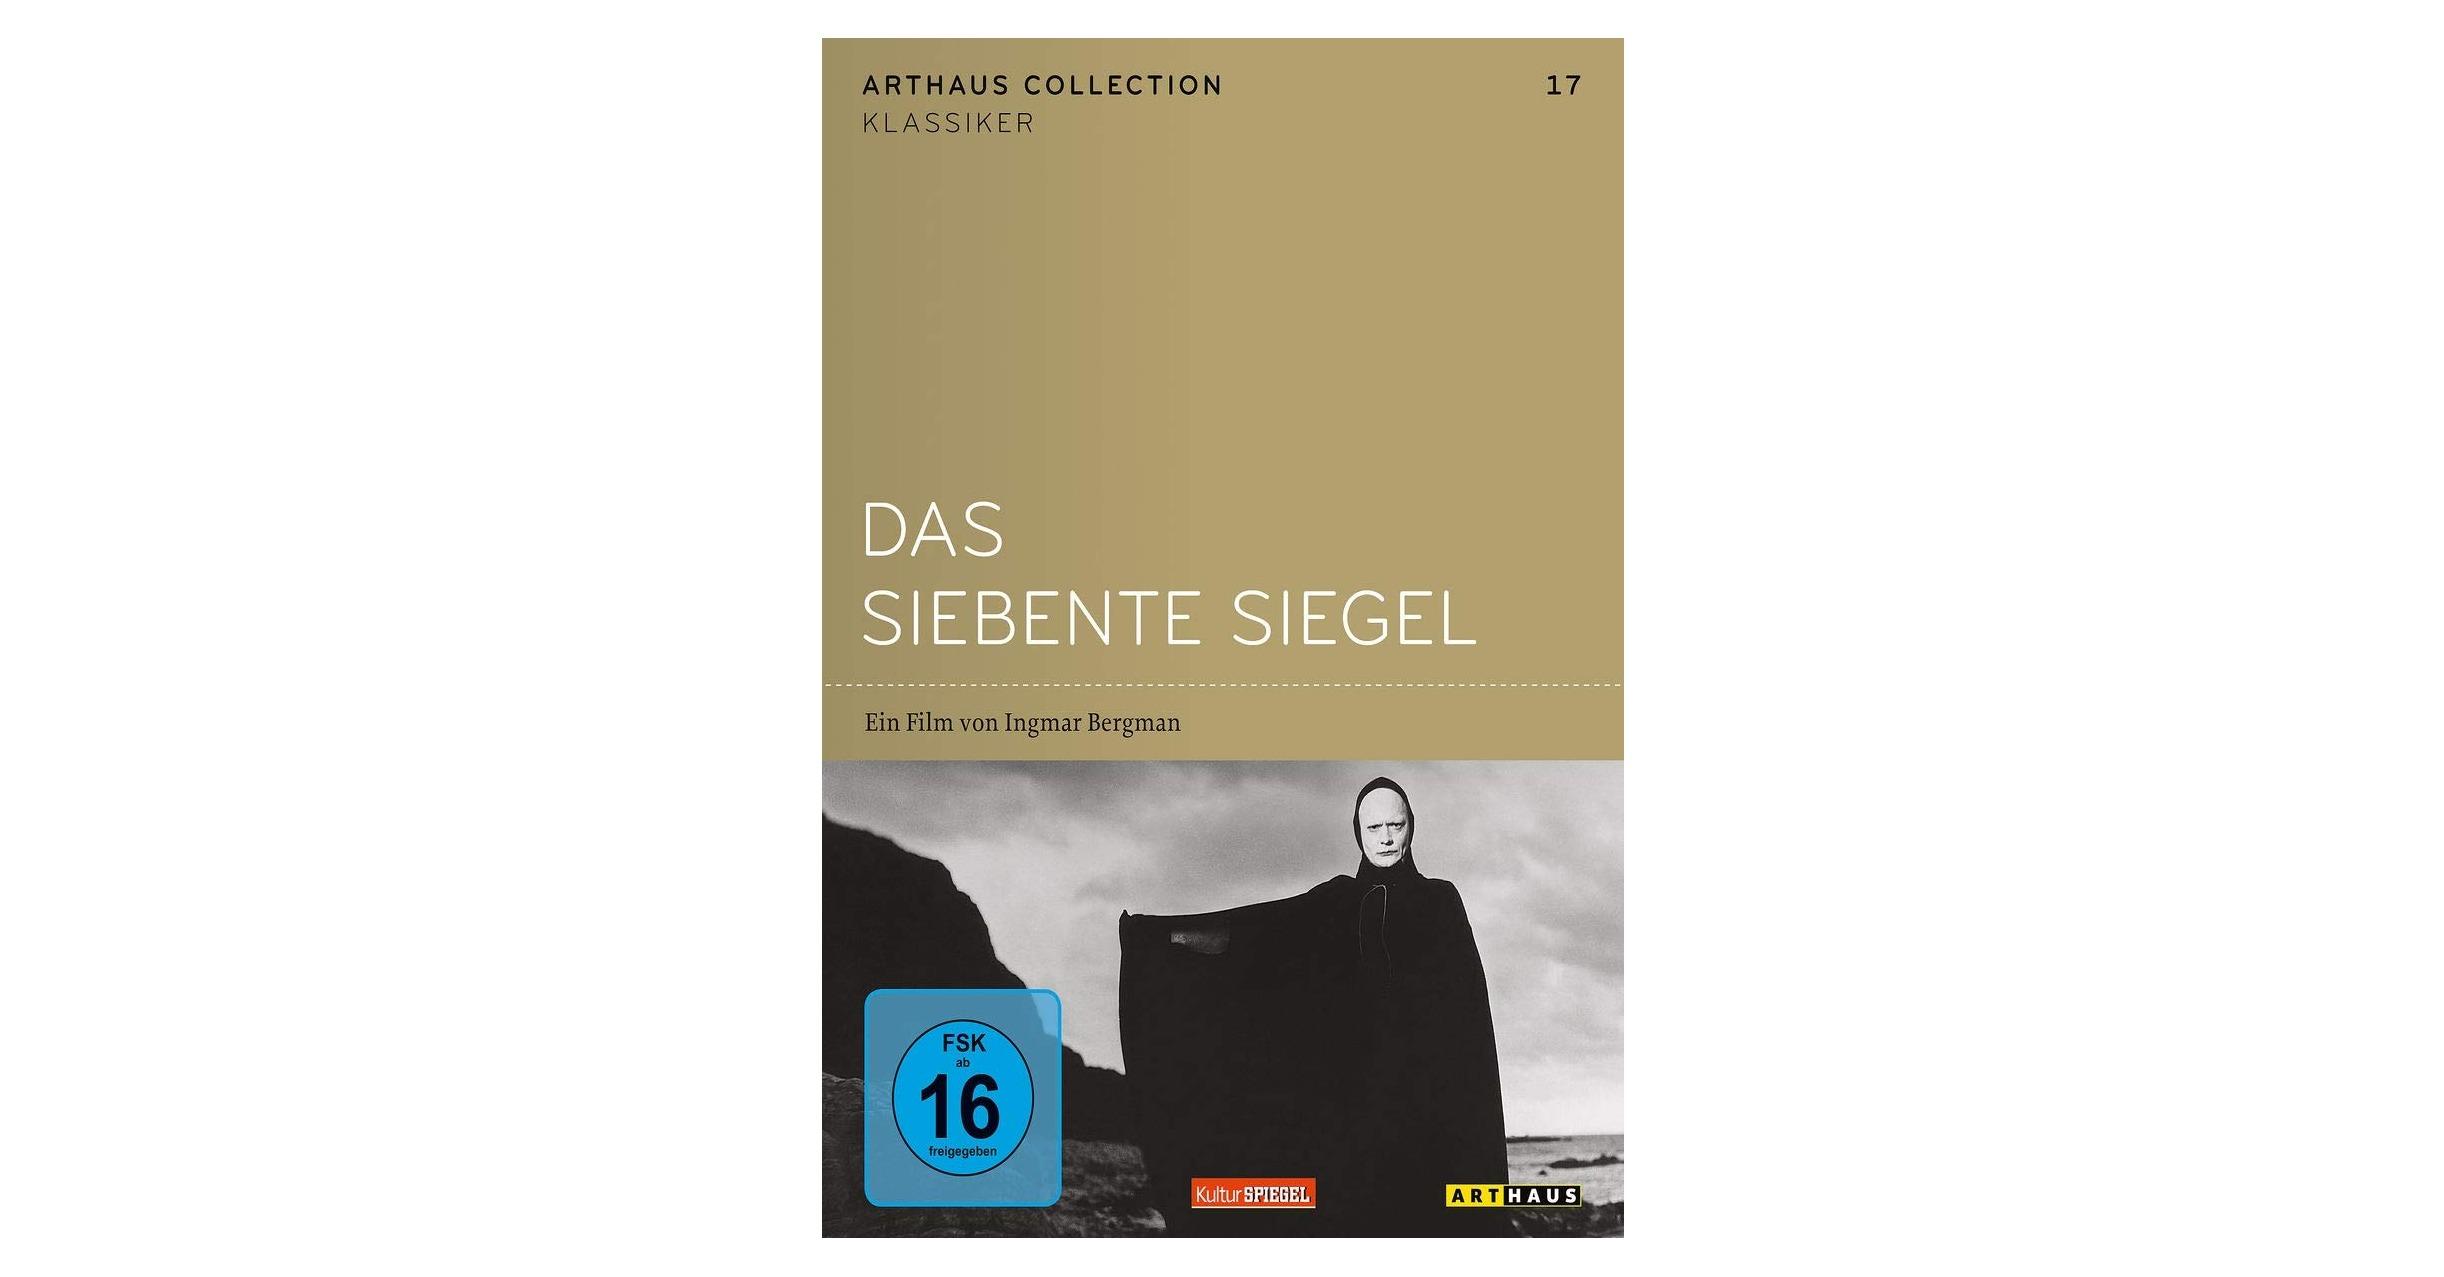 Das_siebente_Siegel-Packshot-DVD-Arthaus-Collection